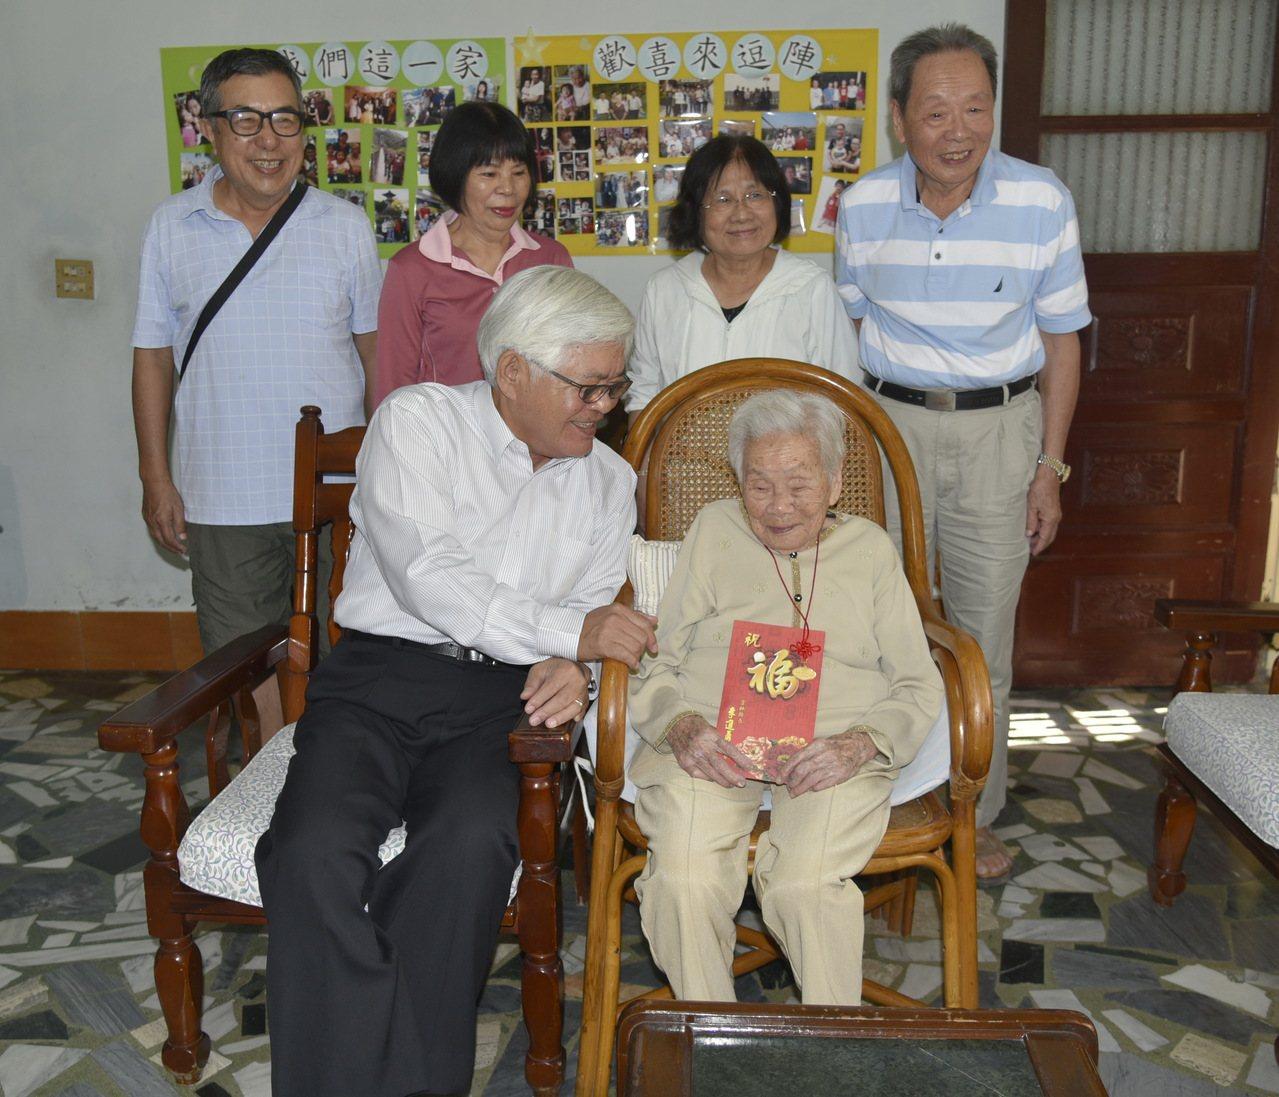 雲林縣長李進勇拜訪雲林縣百歲人瑞,並致贈敬老金。記者蔡維斌/攝影